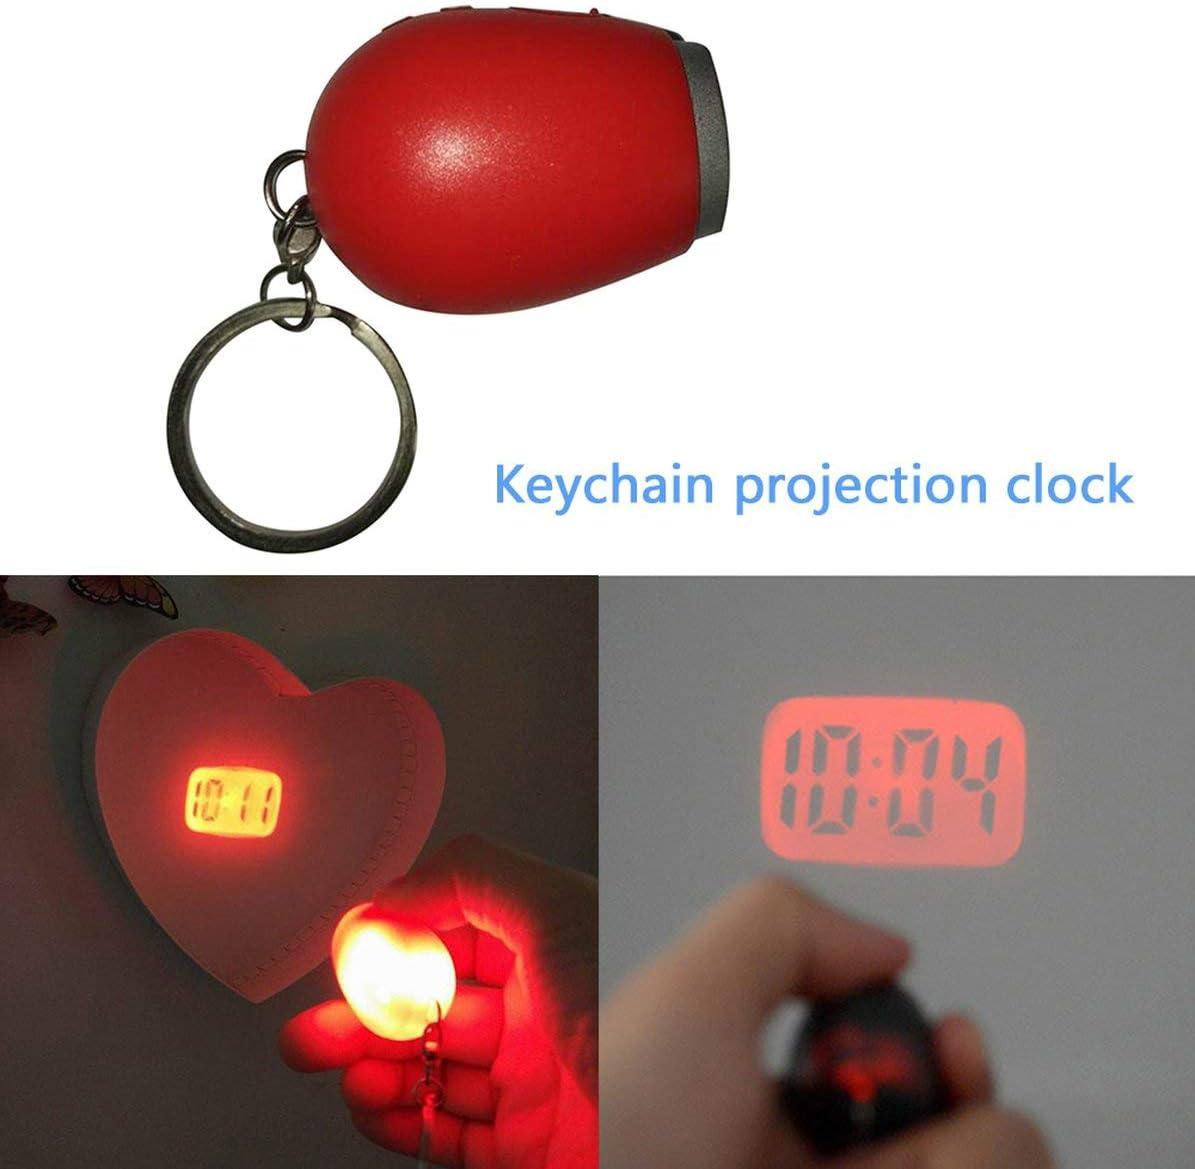 Mini orologio a proiezione digitale Orologio a led portatile Orologio da parete a soffitto Orologio da proiezione Orologio elettronico con luce notturna magica Mini orologio a proiezione rosso